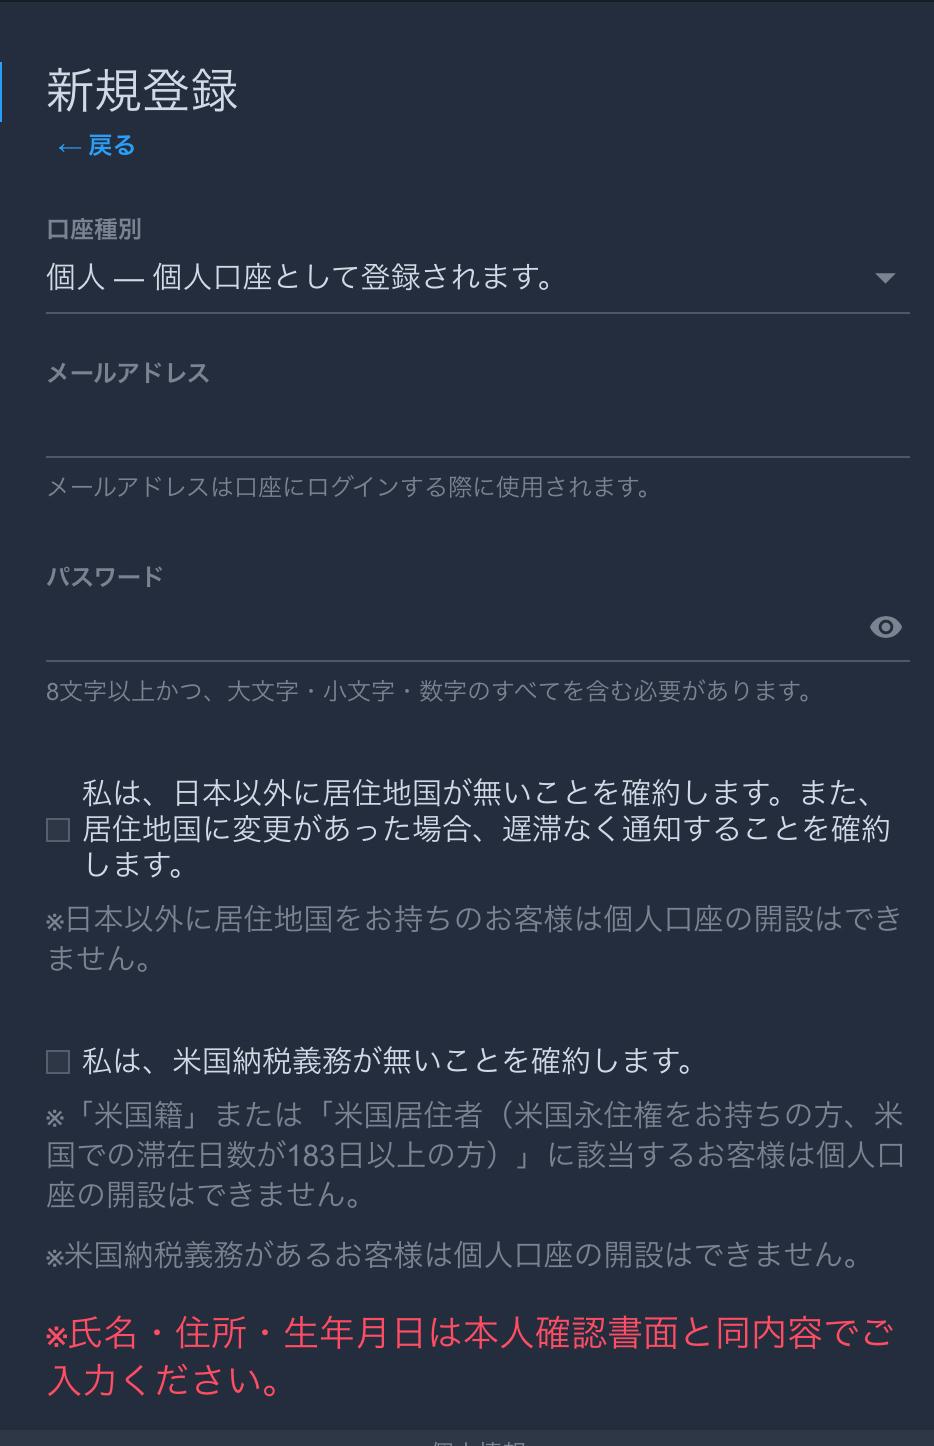 新規登録-個人情報入力画面